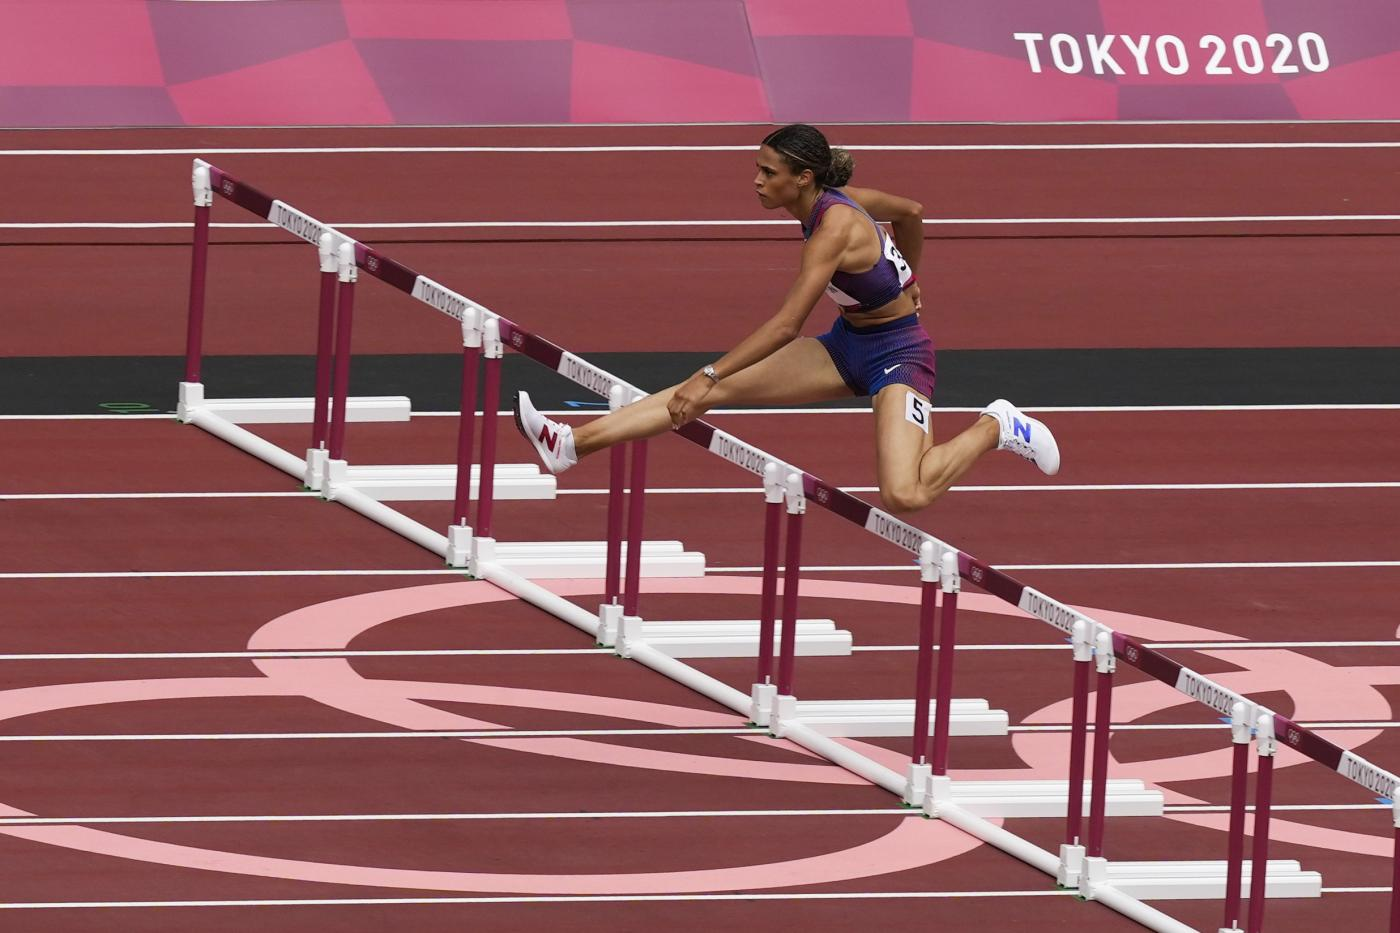 Atletica, Olimpiadi: risultati notte 4 agosto. Oro e record per McLaughlin, fuori Dal Molin